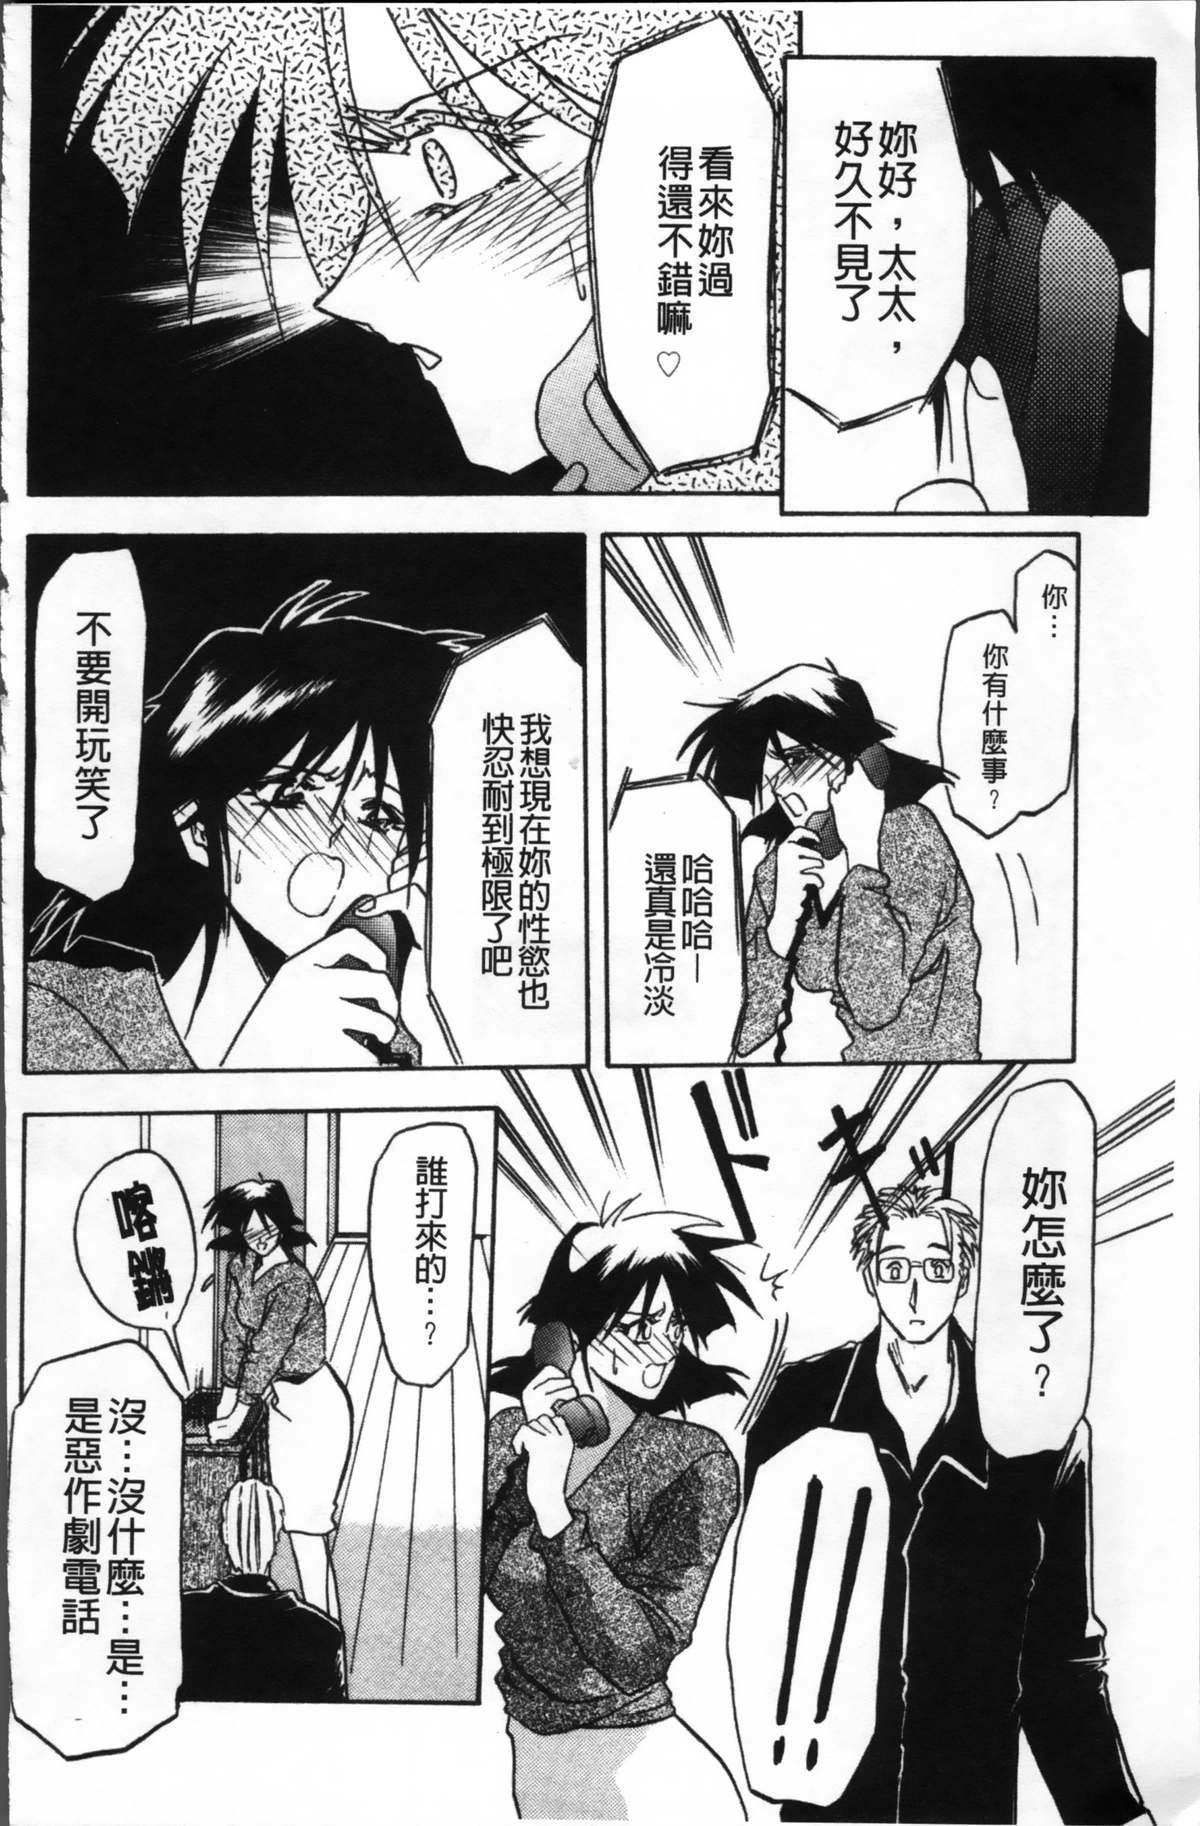 Hiiro no Koku Kanzenban   緋色之刻 完全版 123